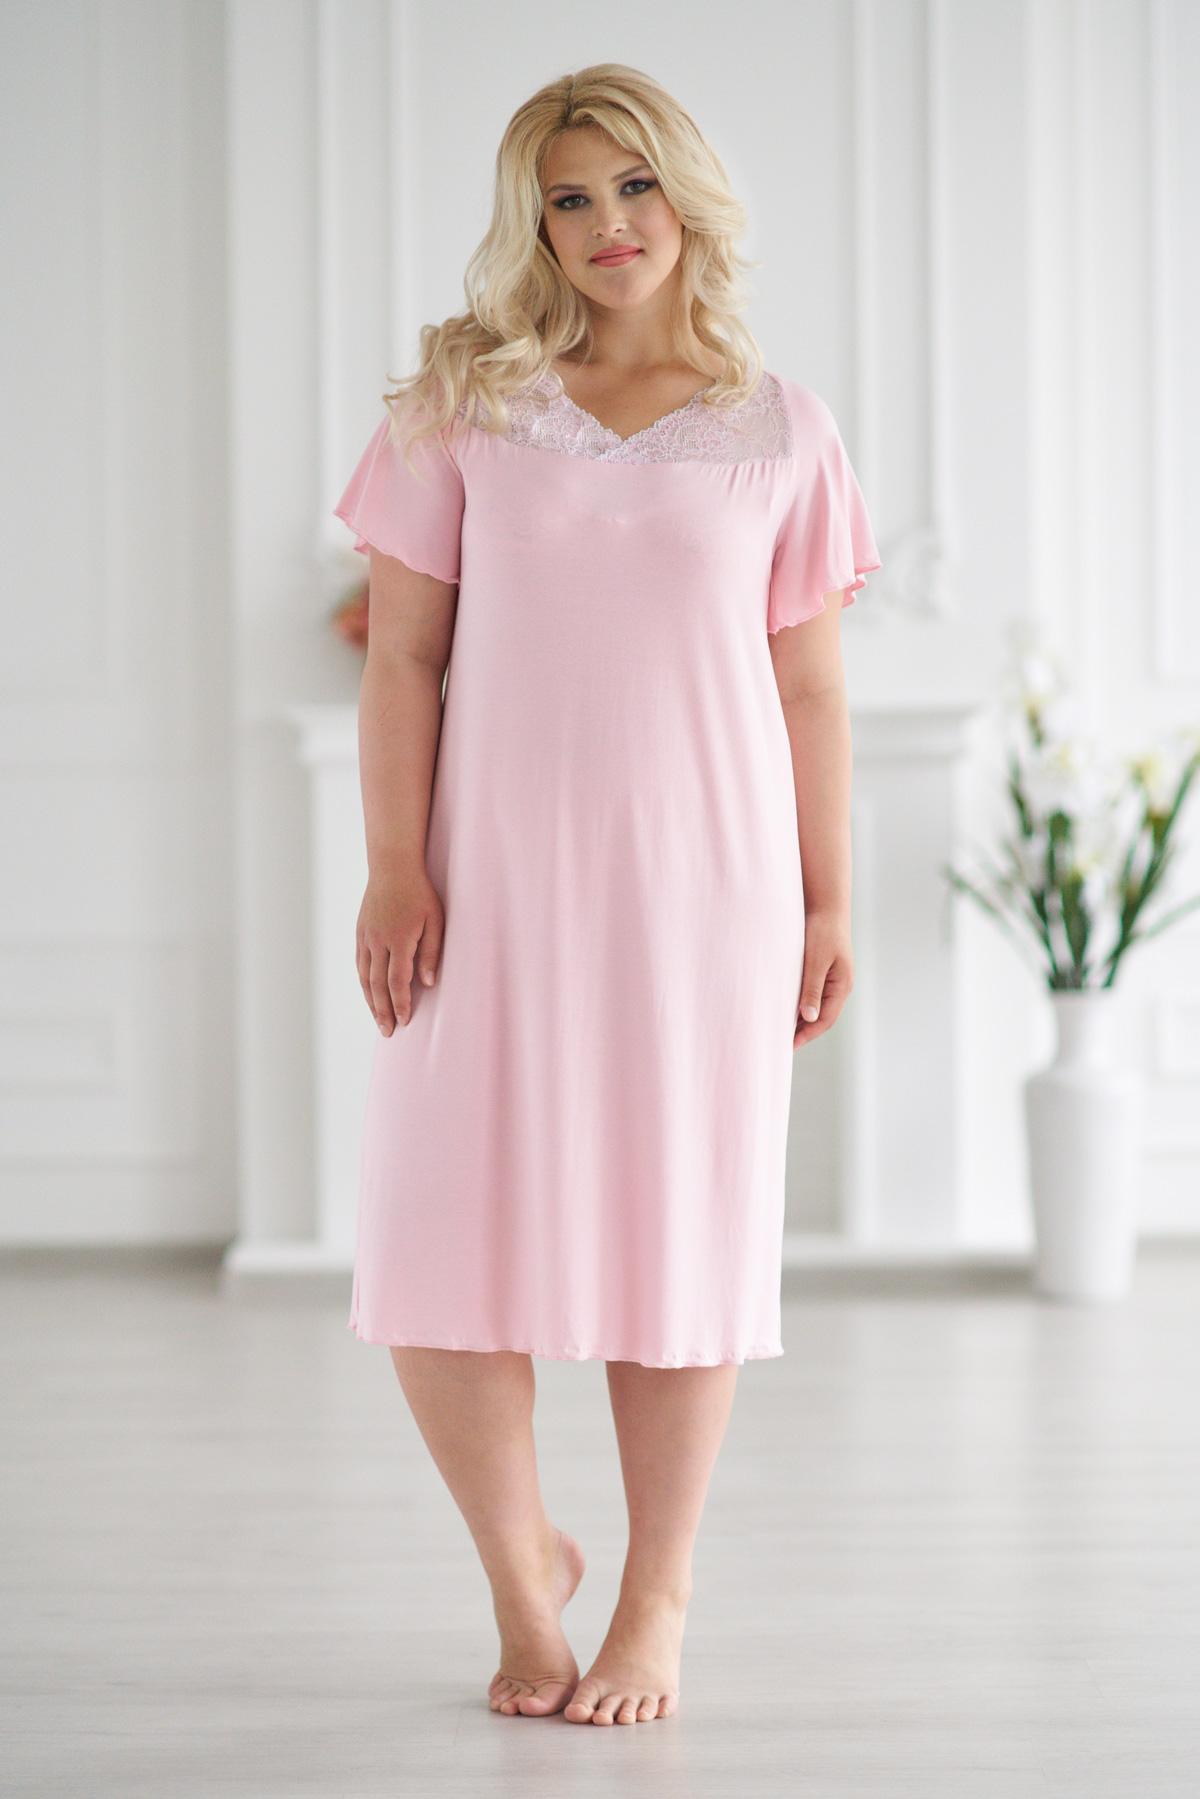 Жен. сорочка арт. 19-0053 Розовый р. 48Ночные сорочки<br>Факт. ОГ: 92 см <br>Факт. ОТ: 100 см <br>Факт. ОБ: 106 см <br>Длина по спинке: 96 см<br><br>Тип: Жен. сорочка<br>Размер: 48<br>Материал: Вискоза